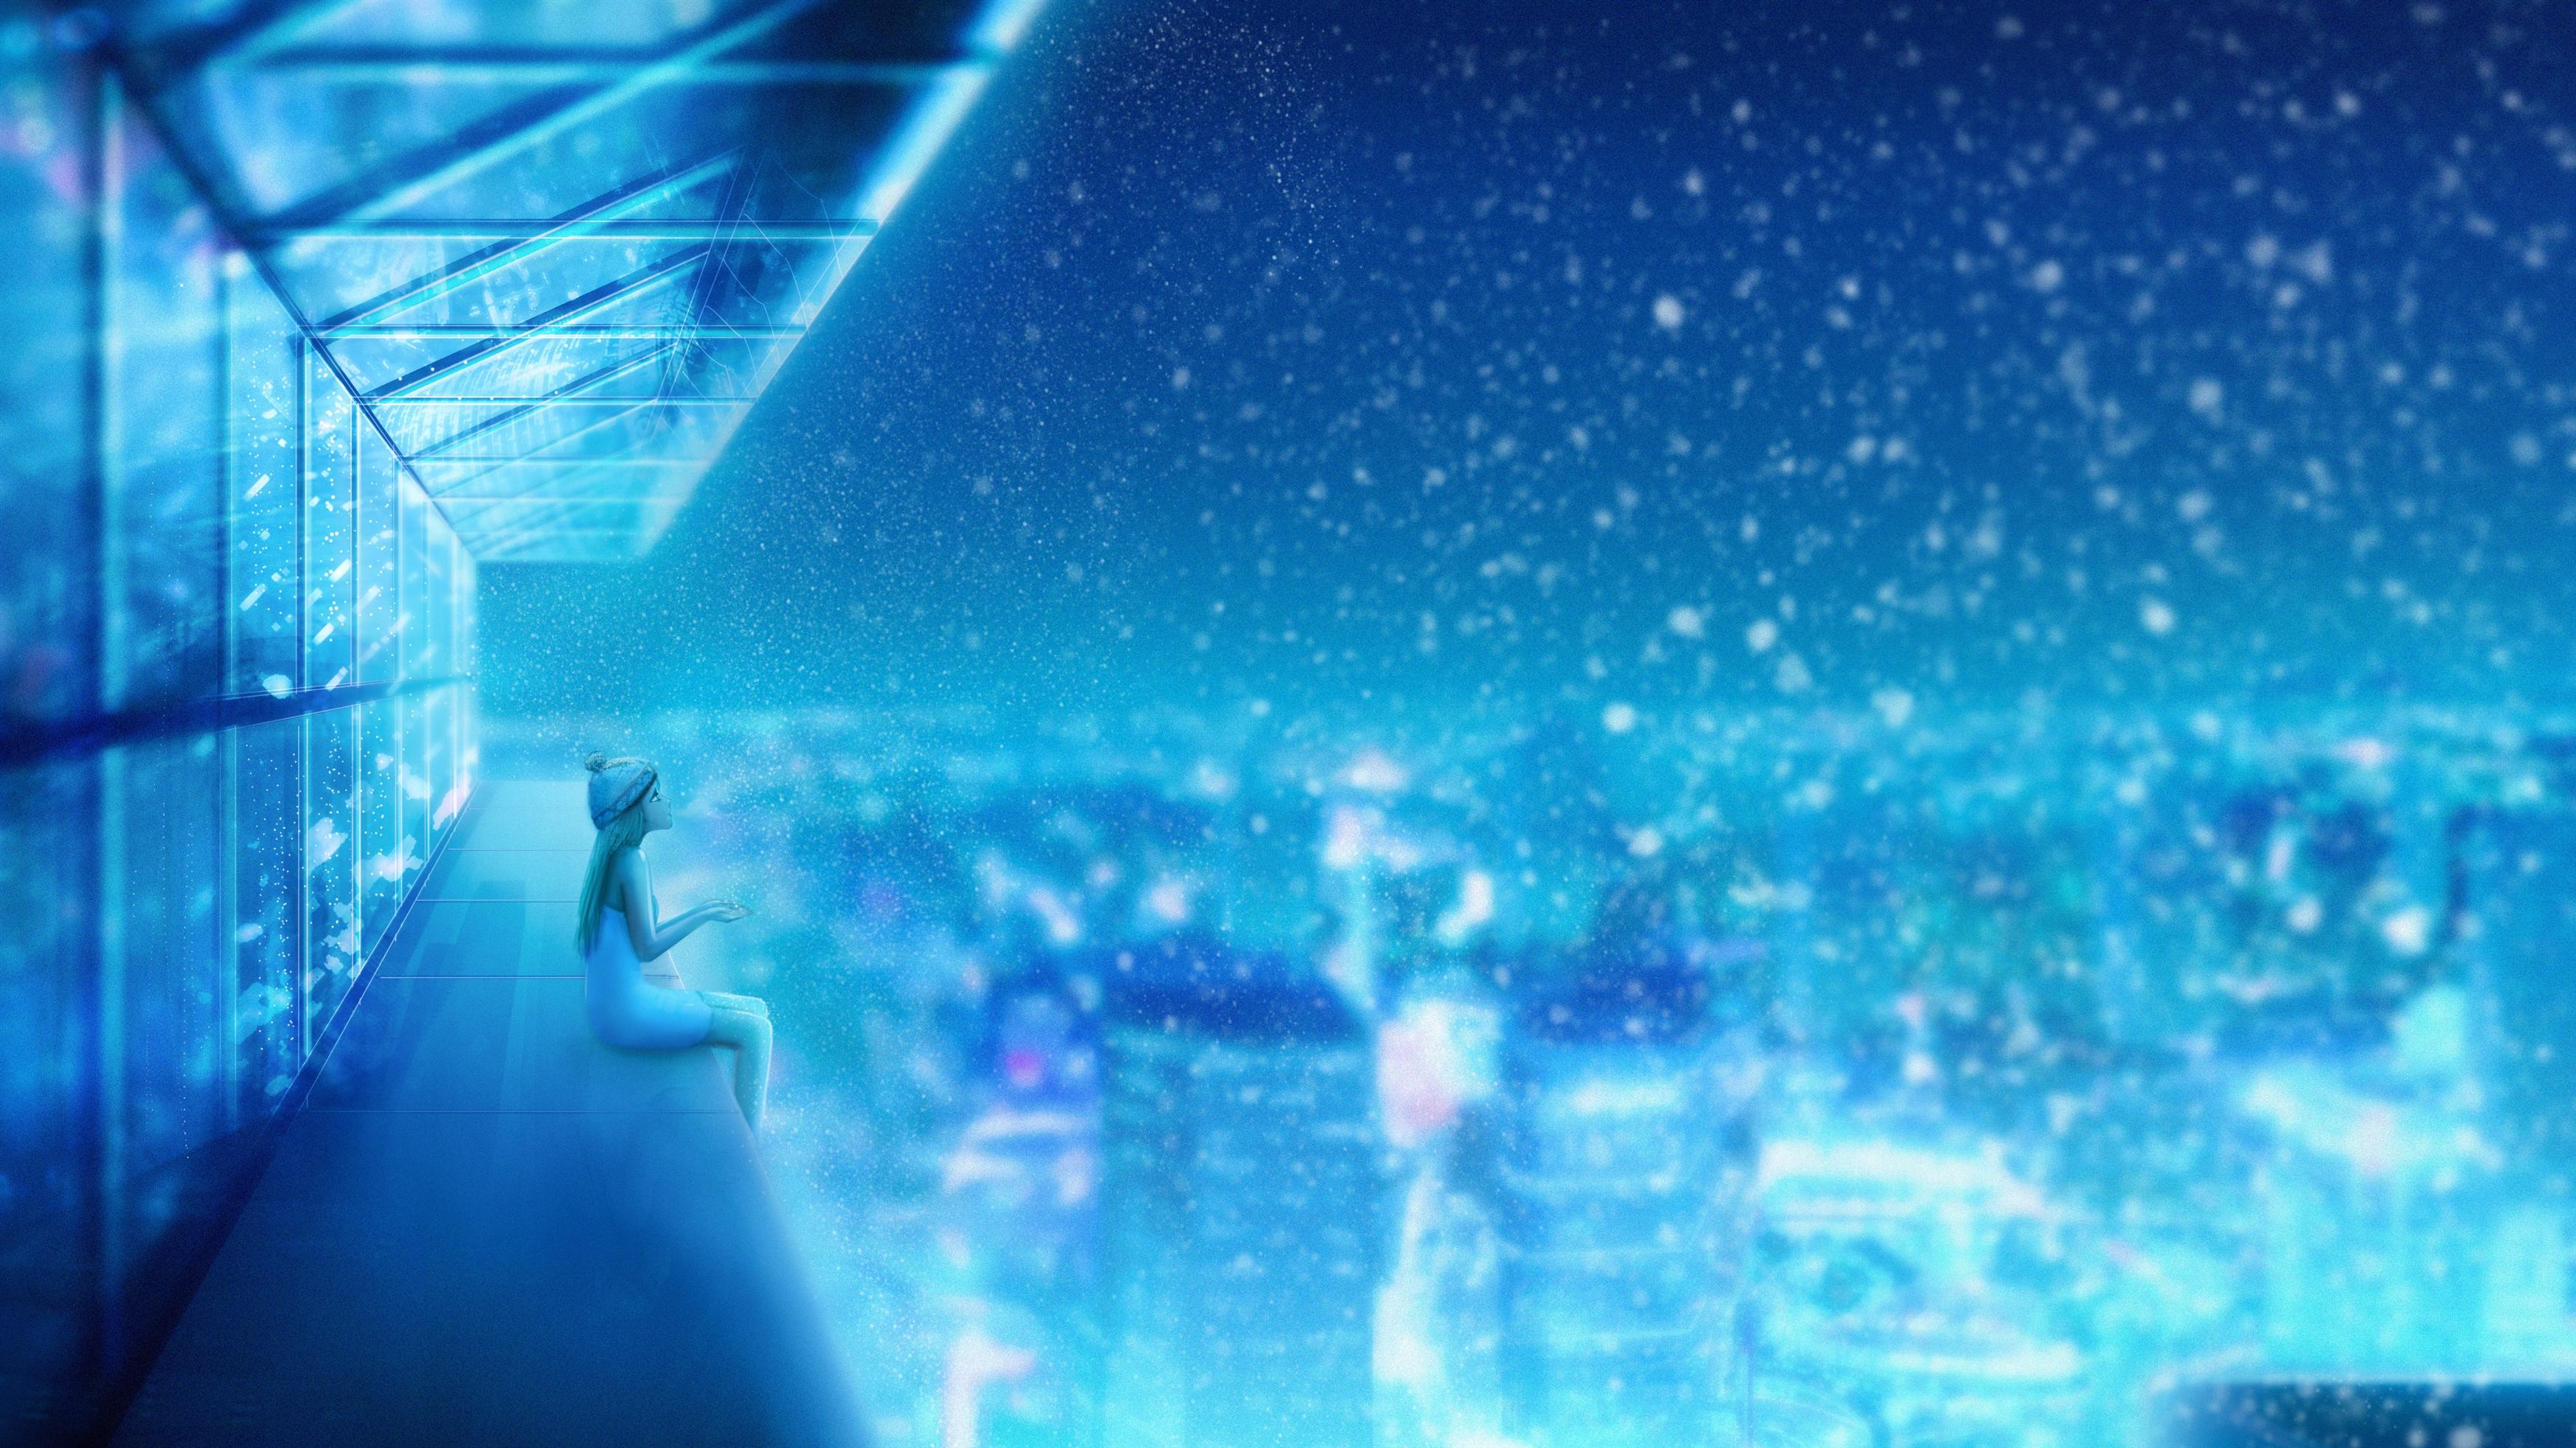 Снегопад мечта обои скачать